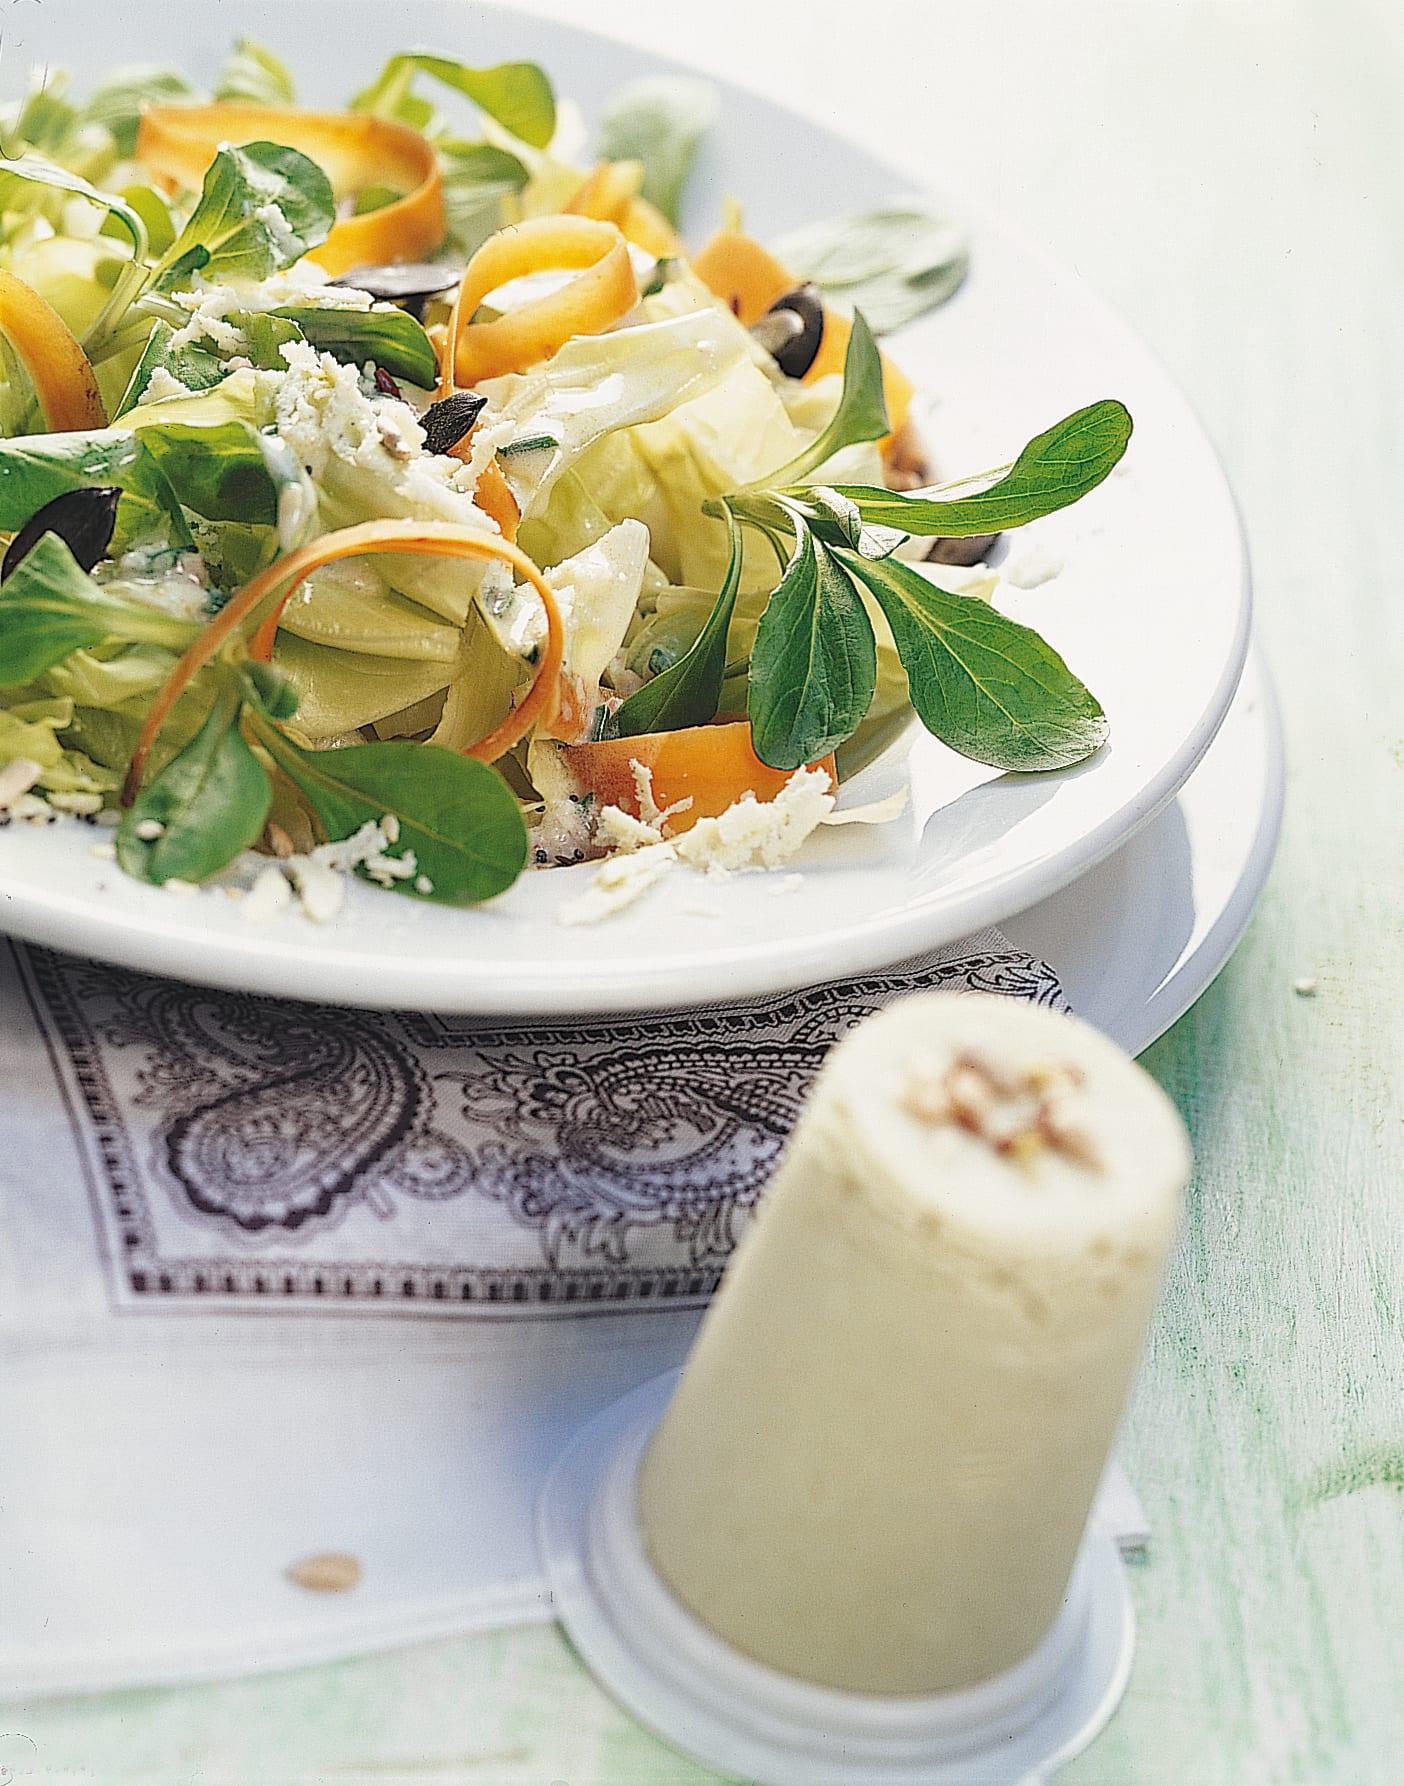 Salade mêlée aux graines et au schabziger